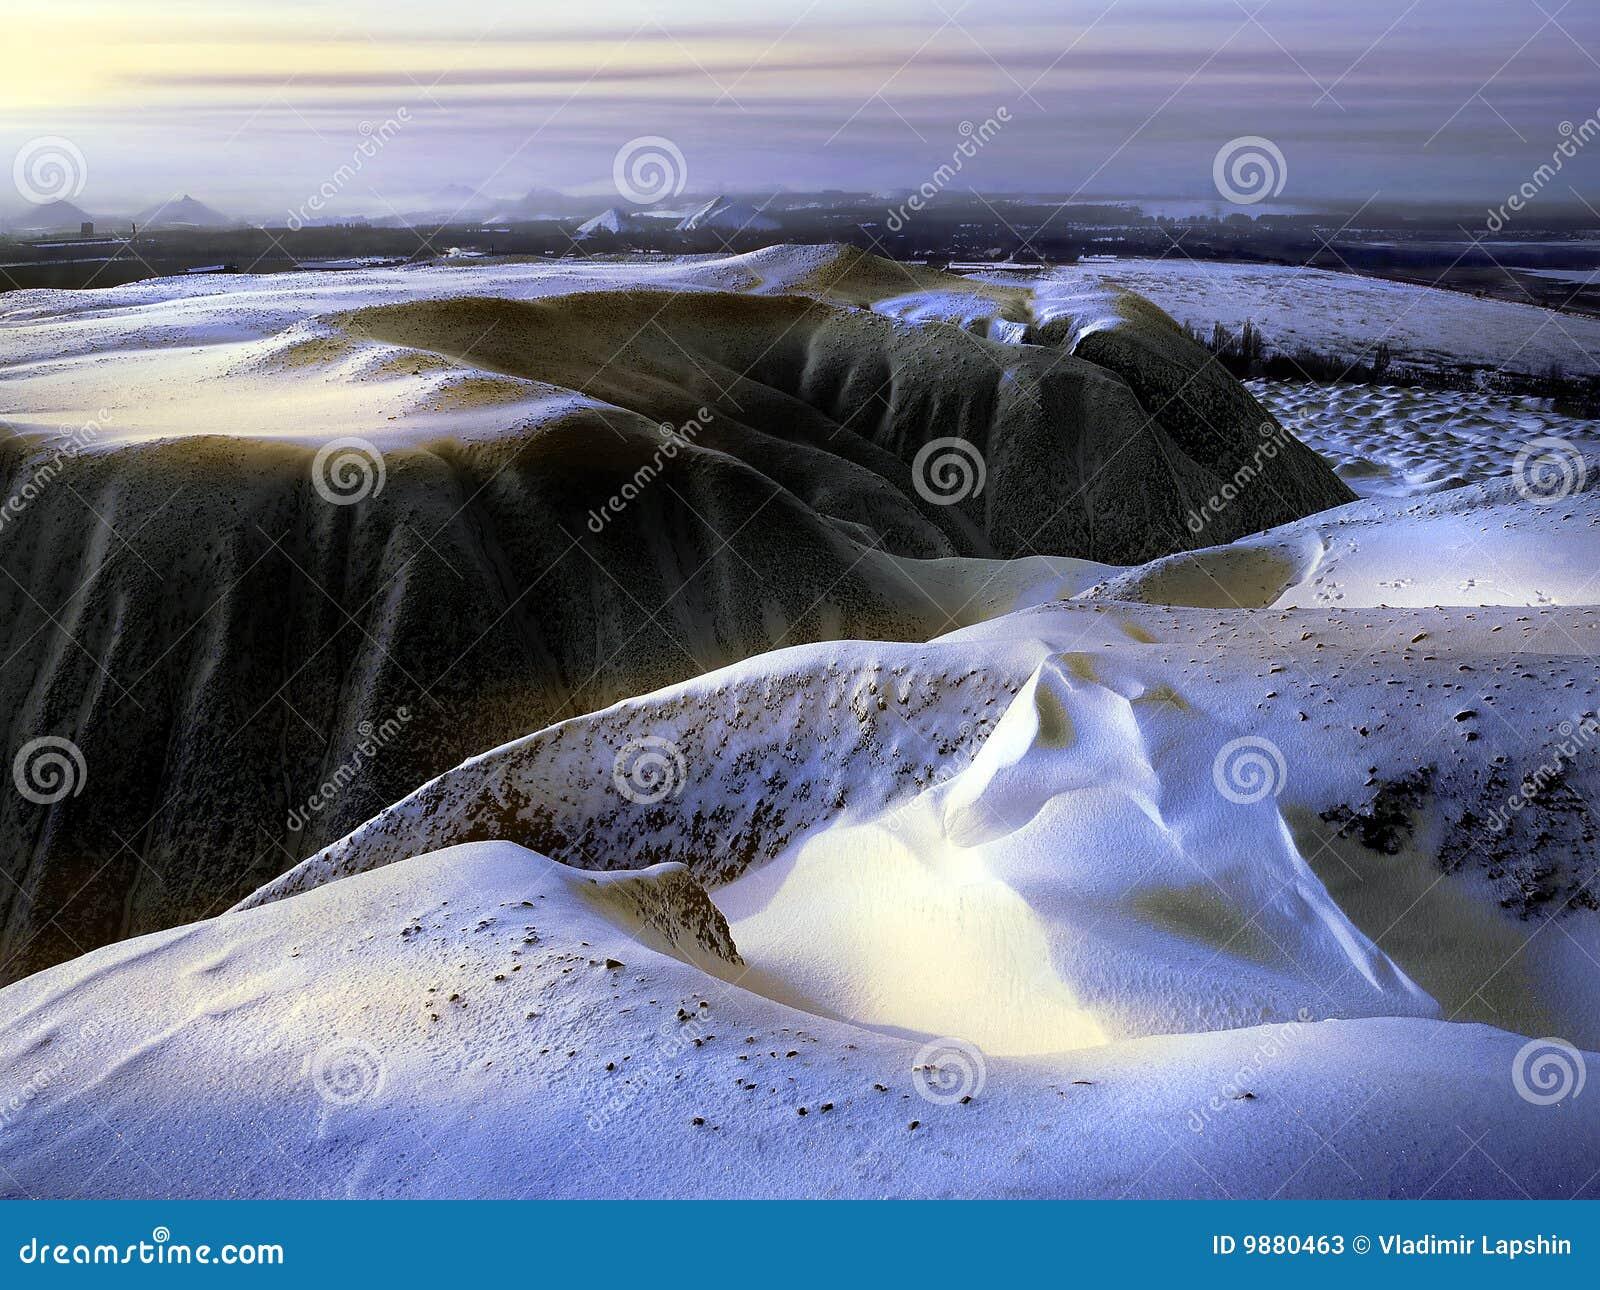 Zakrywający rozsypisko śniegu odpady